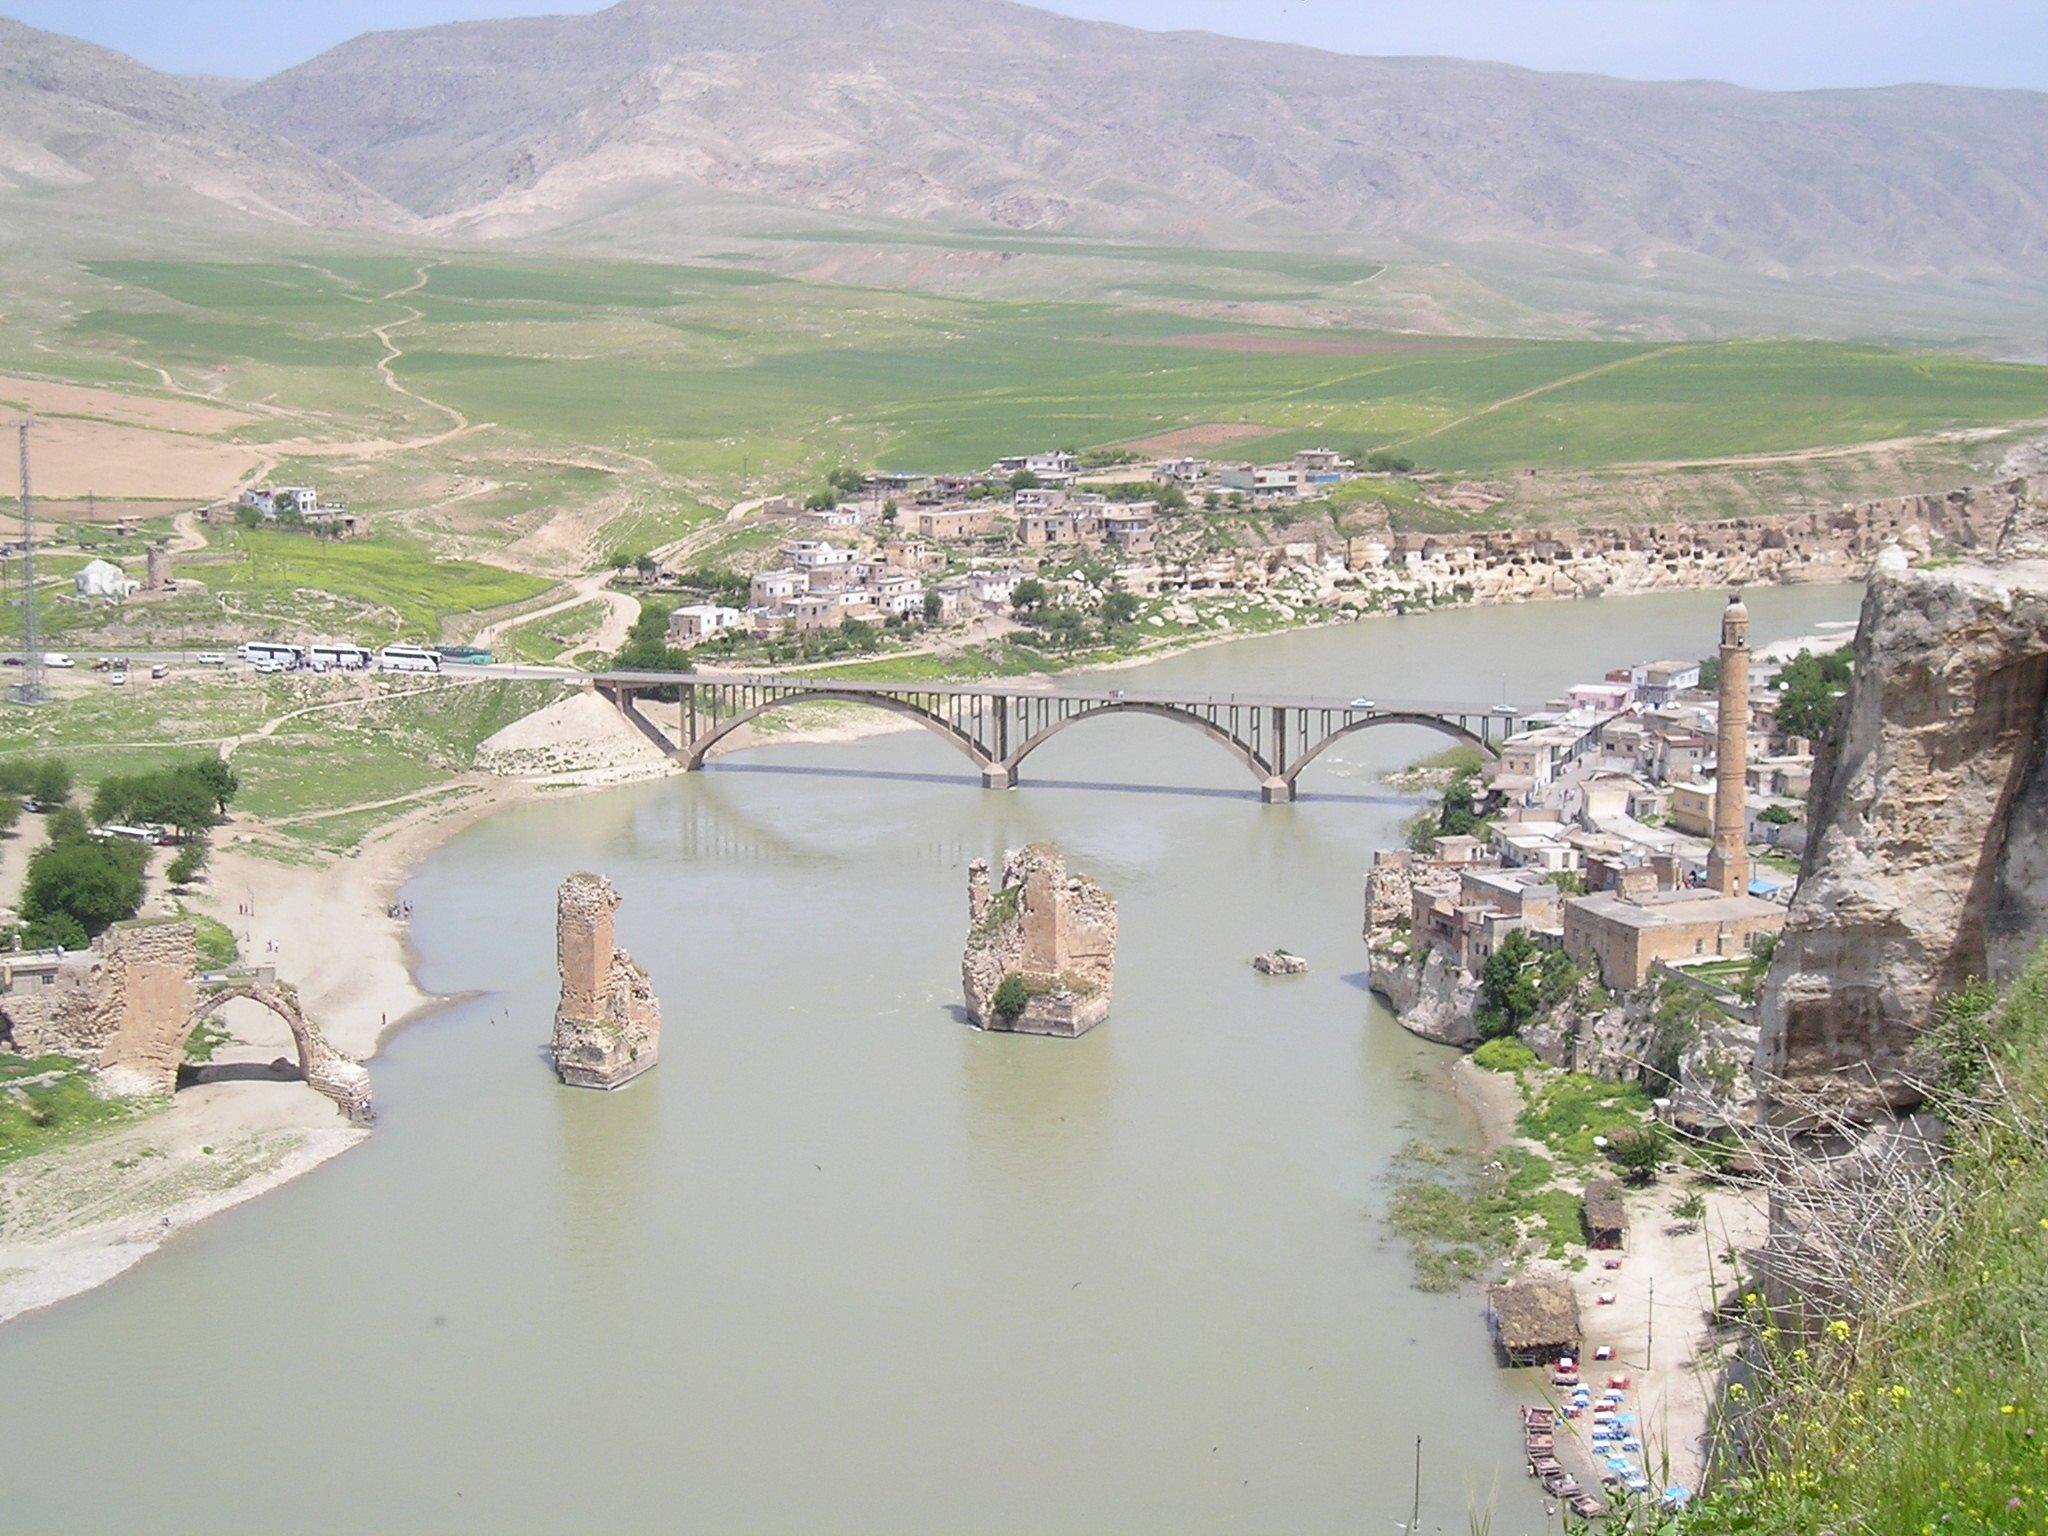 منطقة حسنكيف التركية تستضيف زوارها تحت الماء